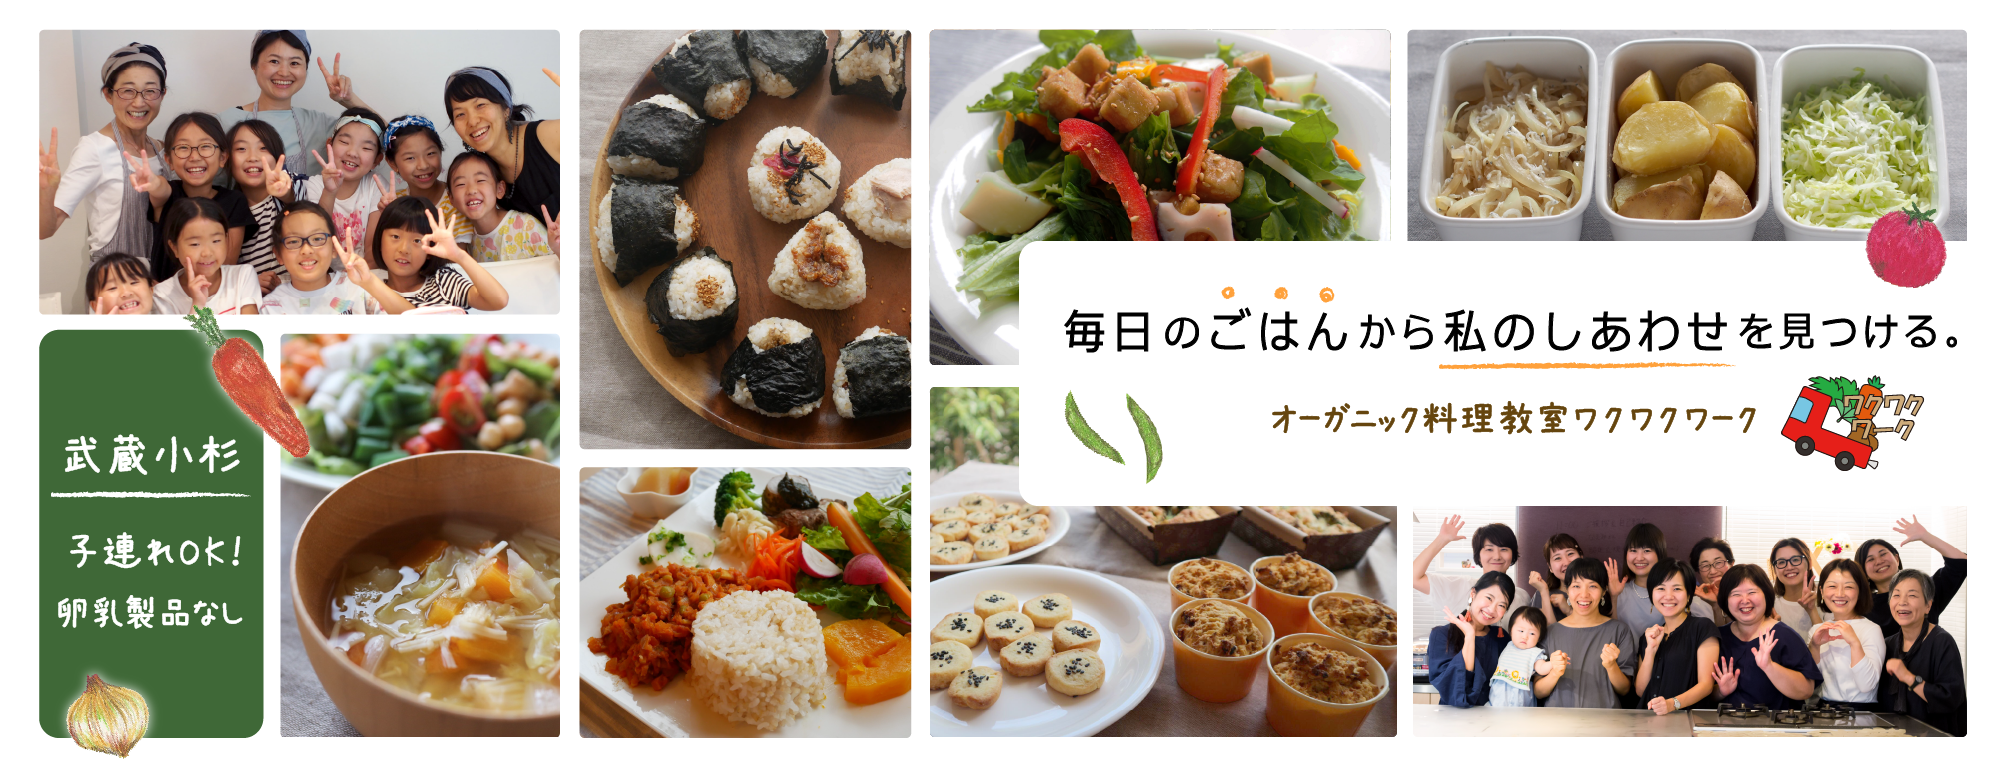 菅野のなが代表をつとめるオーガニック料理教室で学ぶならワクワクワーク【川崎・武蔵小杉駅近く】